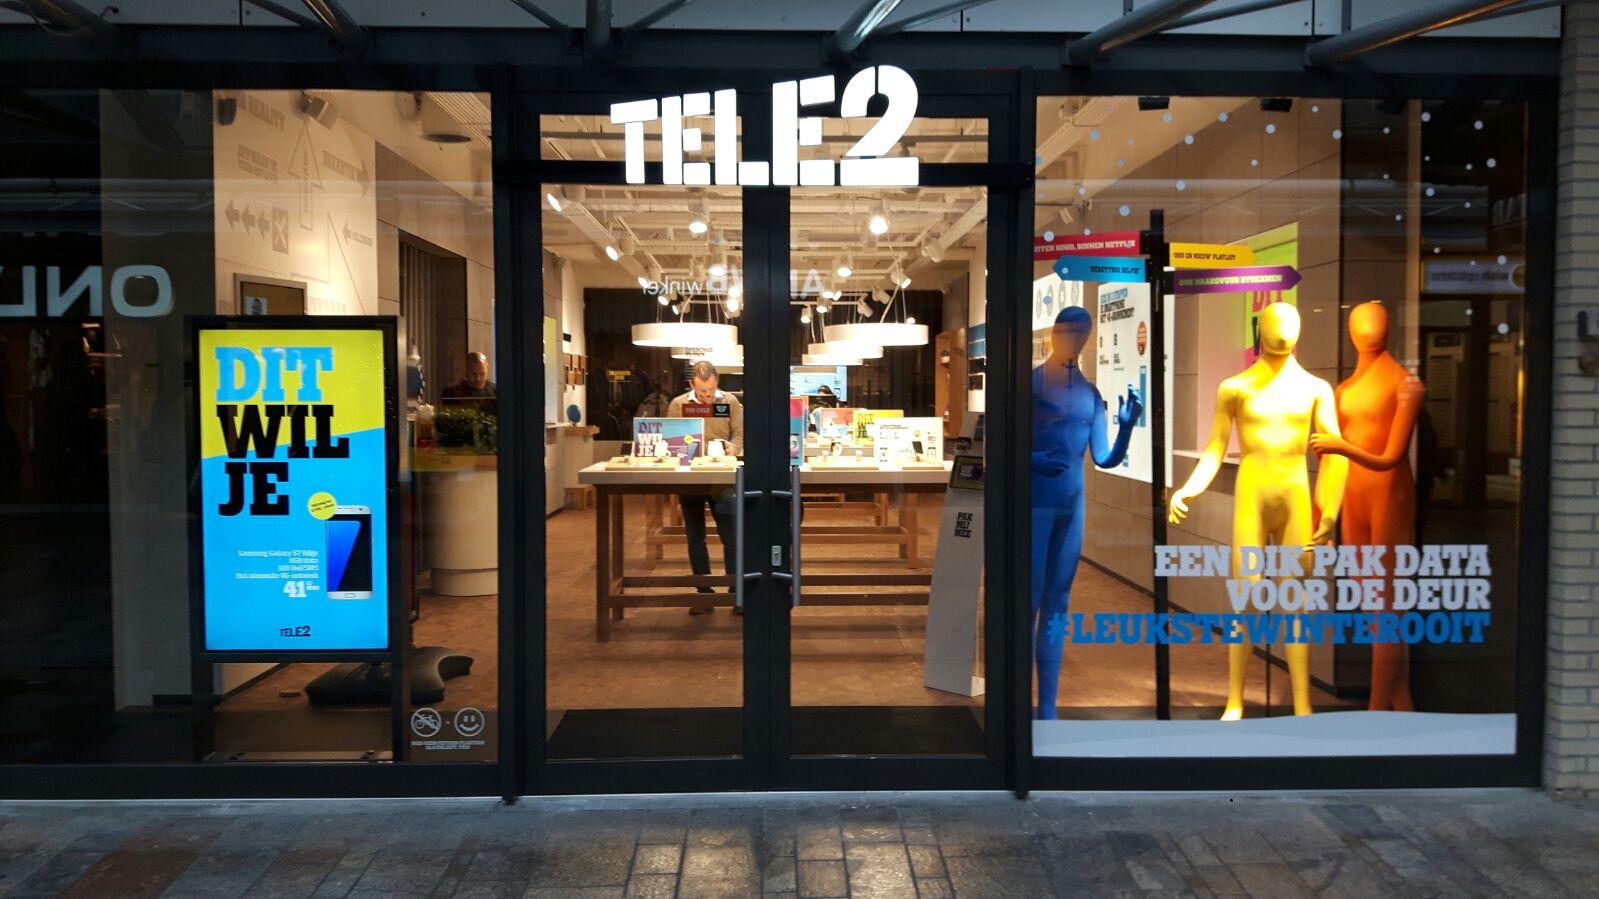 Tele2 - Almere